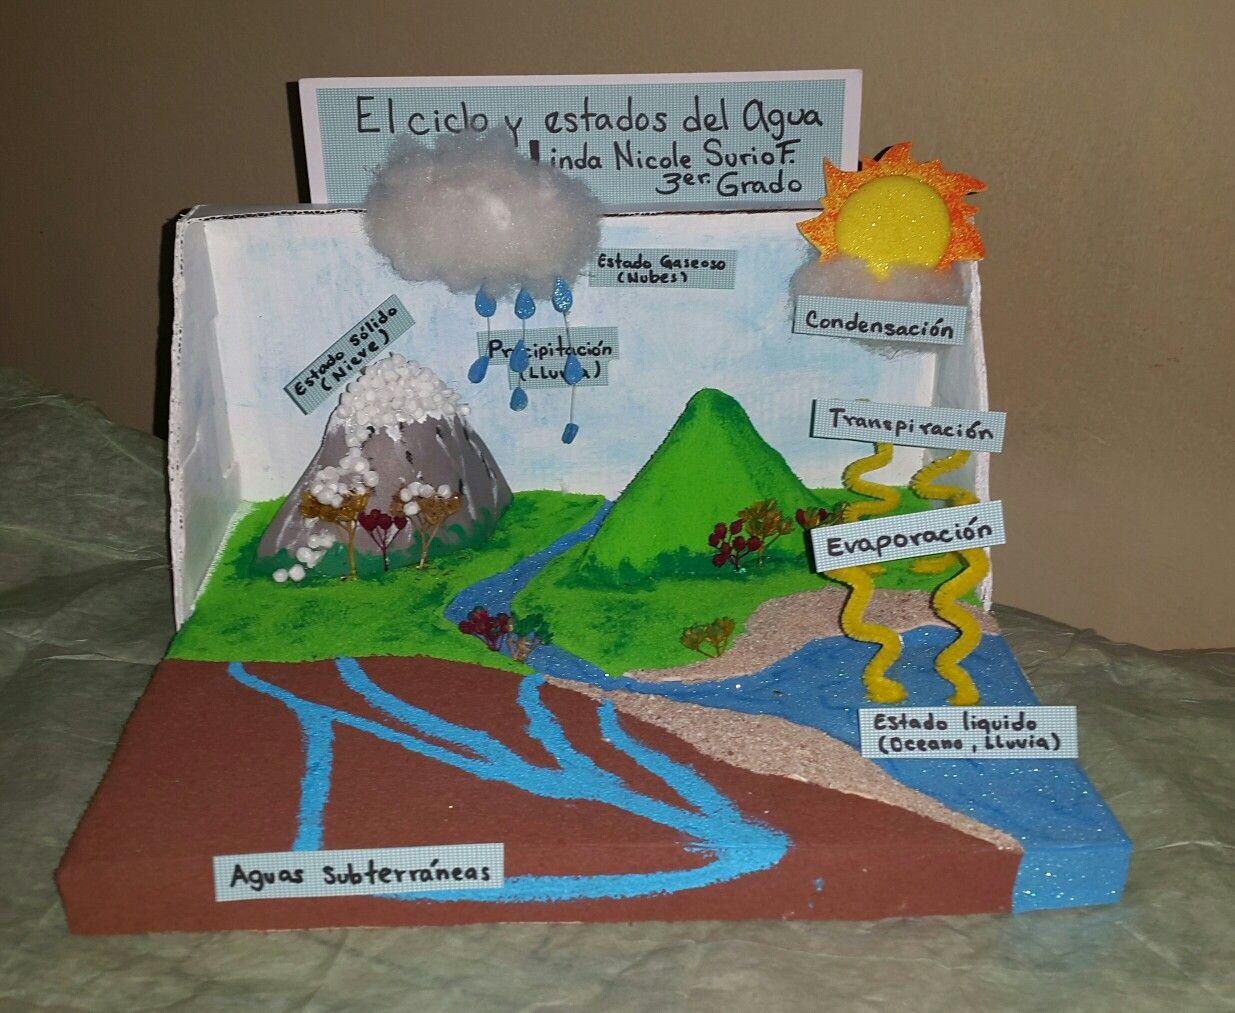 Worksheet. Maqueta de El ciclo y estados del agua  maquetas escolares